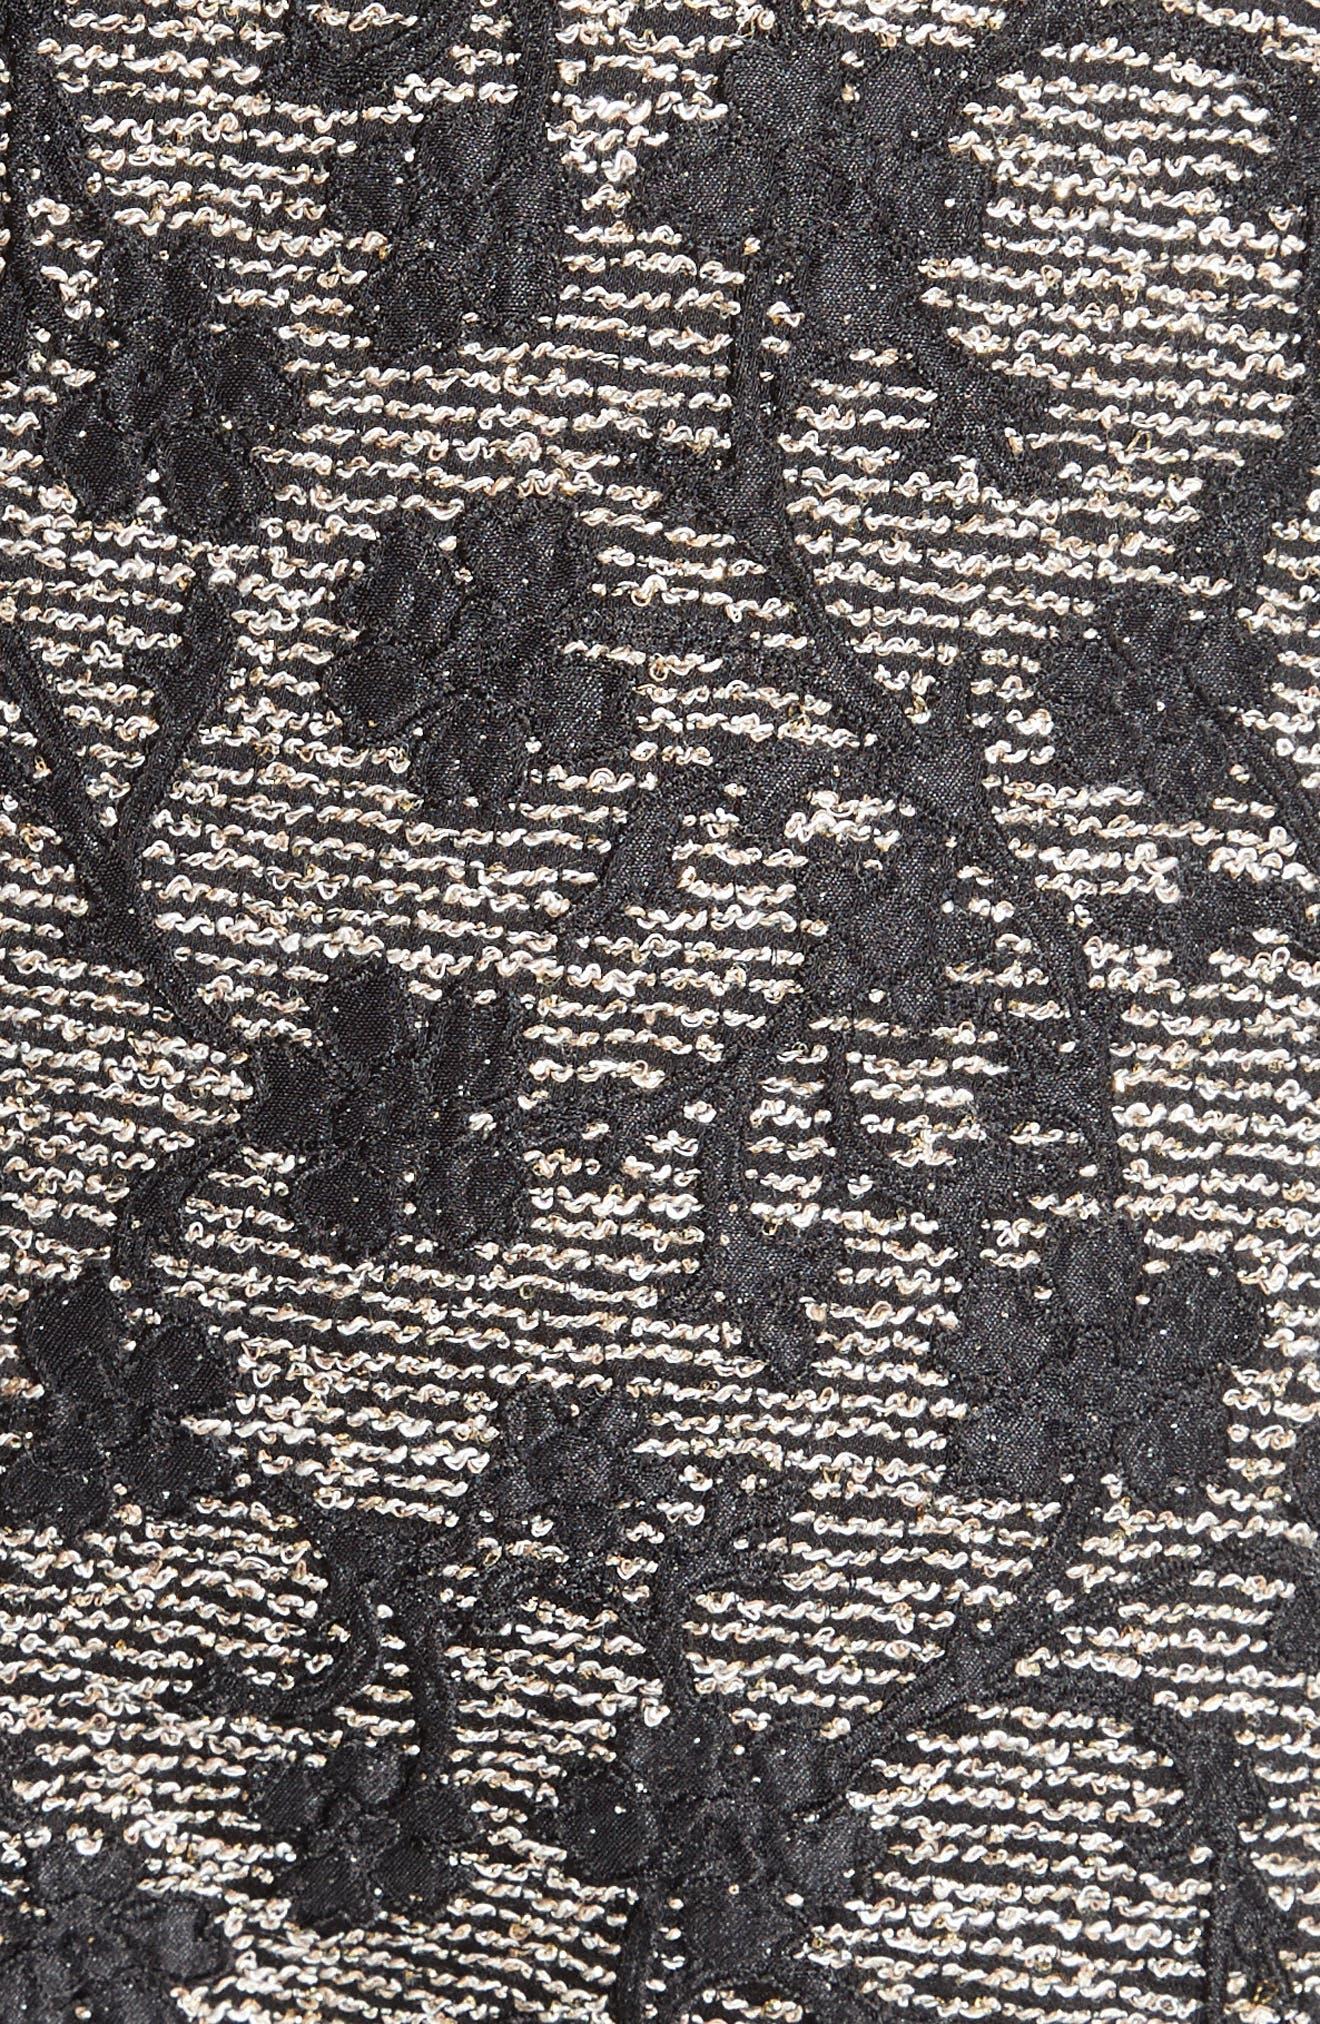 Floral Jacquard Midi Dress,                             Alternate thumbnail 3, color,                             Black/ Gold